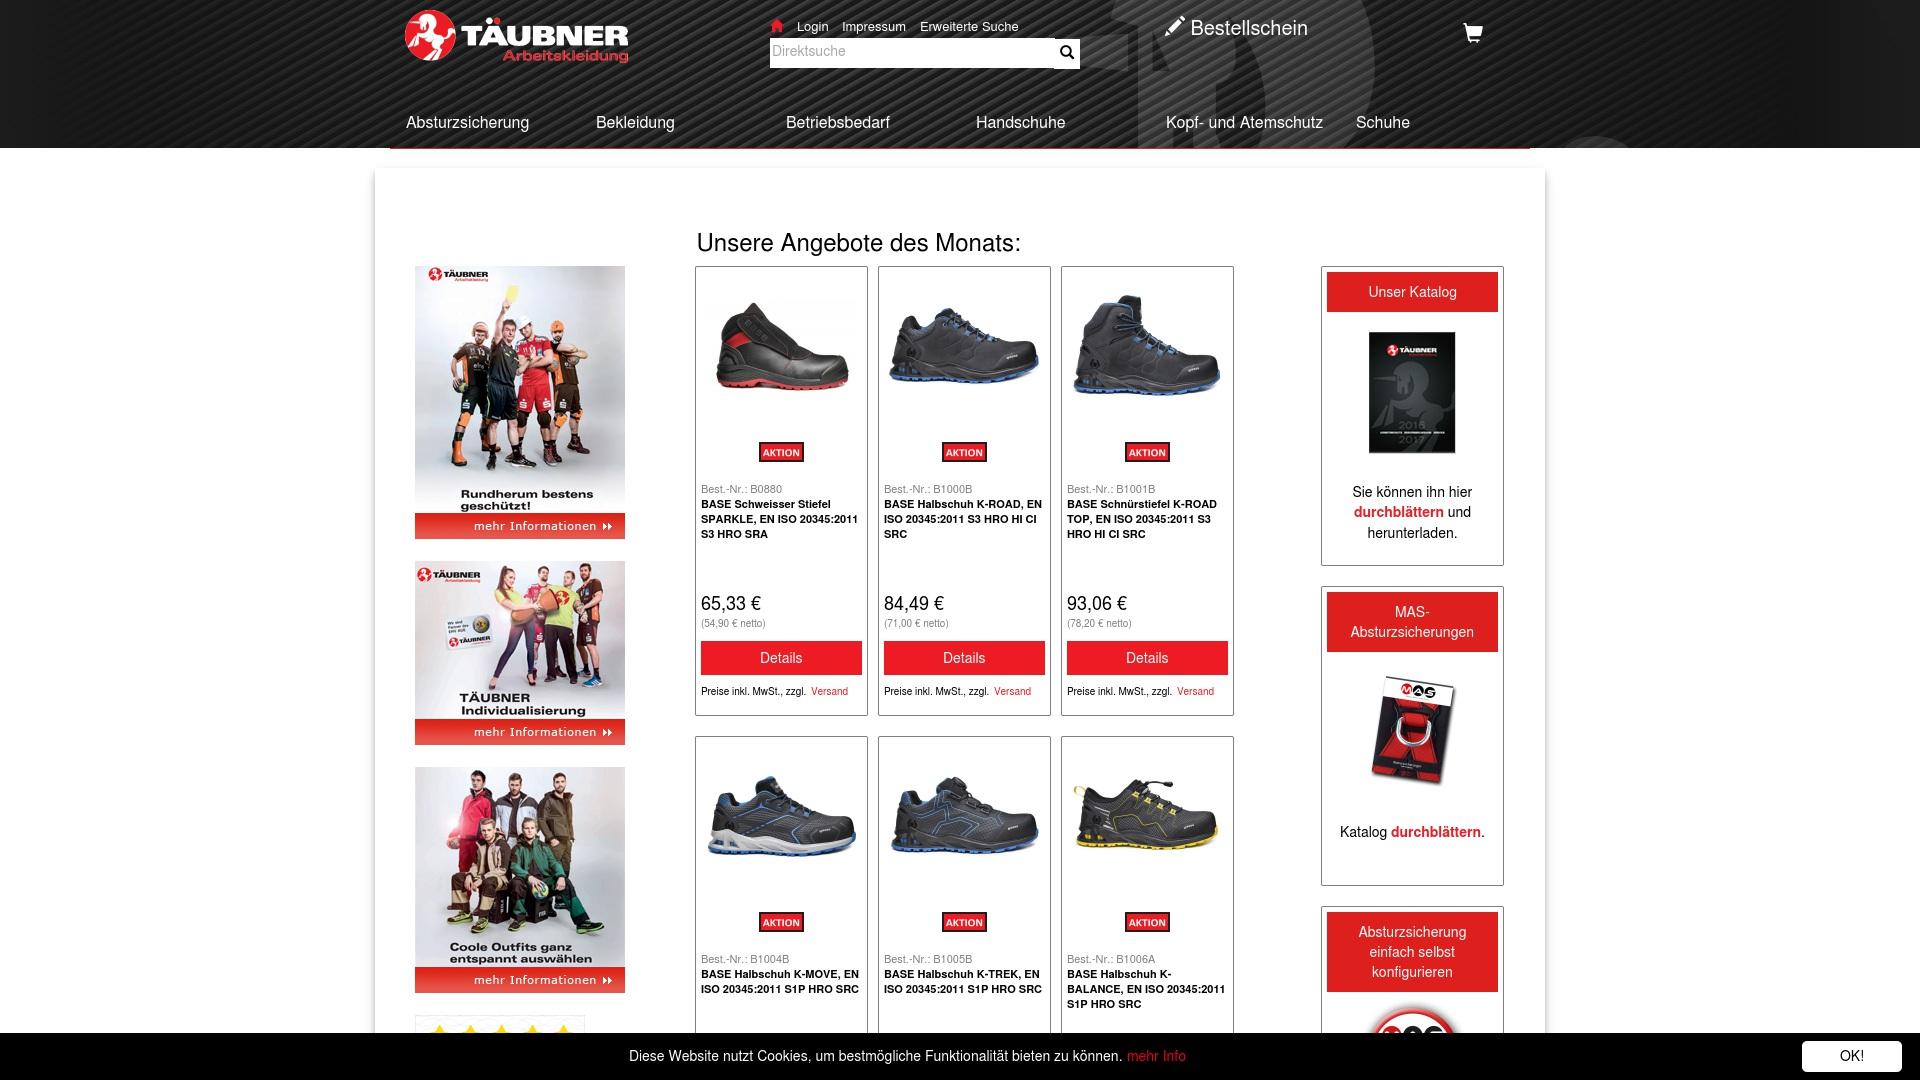 Gutschein für Taeubner-arbeitskleidung: Rabatte für  Taeubner-arbeitskleidung sichern